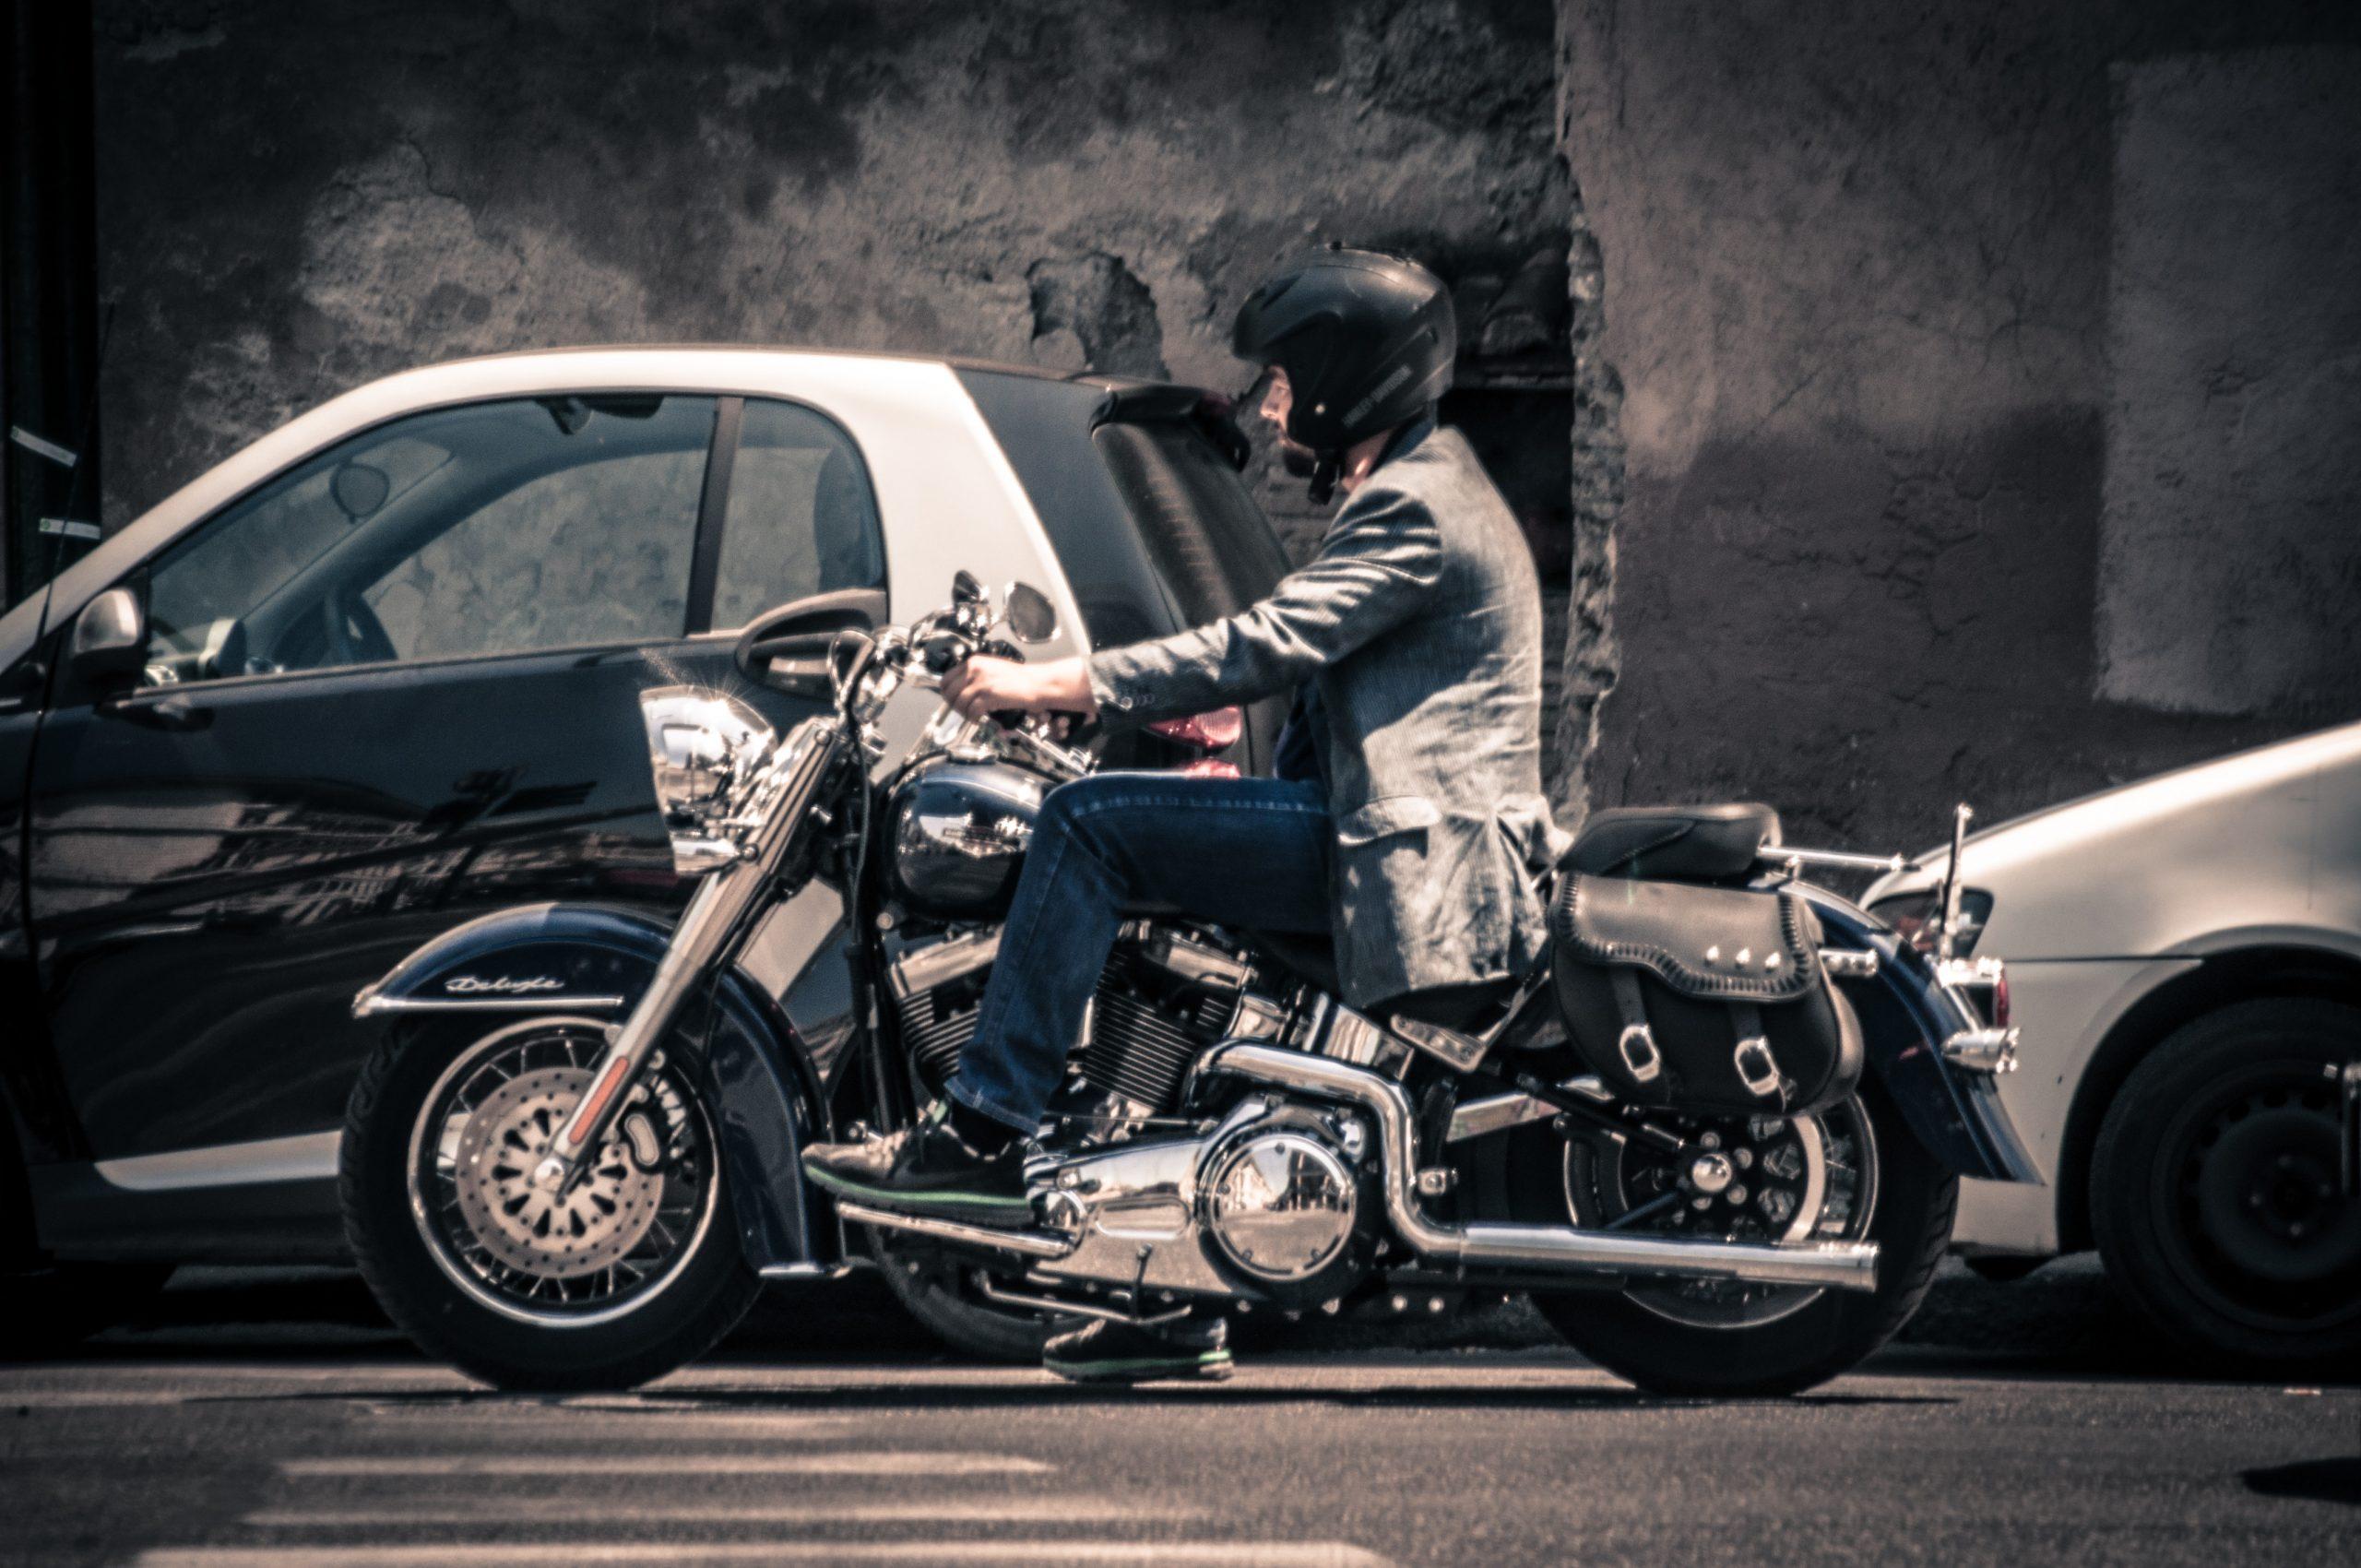 Imagem mostra um homem pilotando uma moto e usando um capacete.